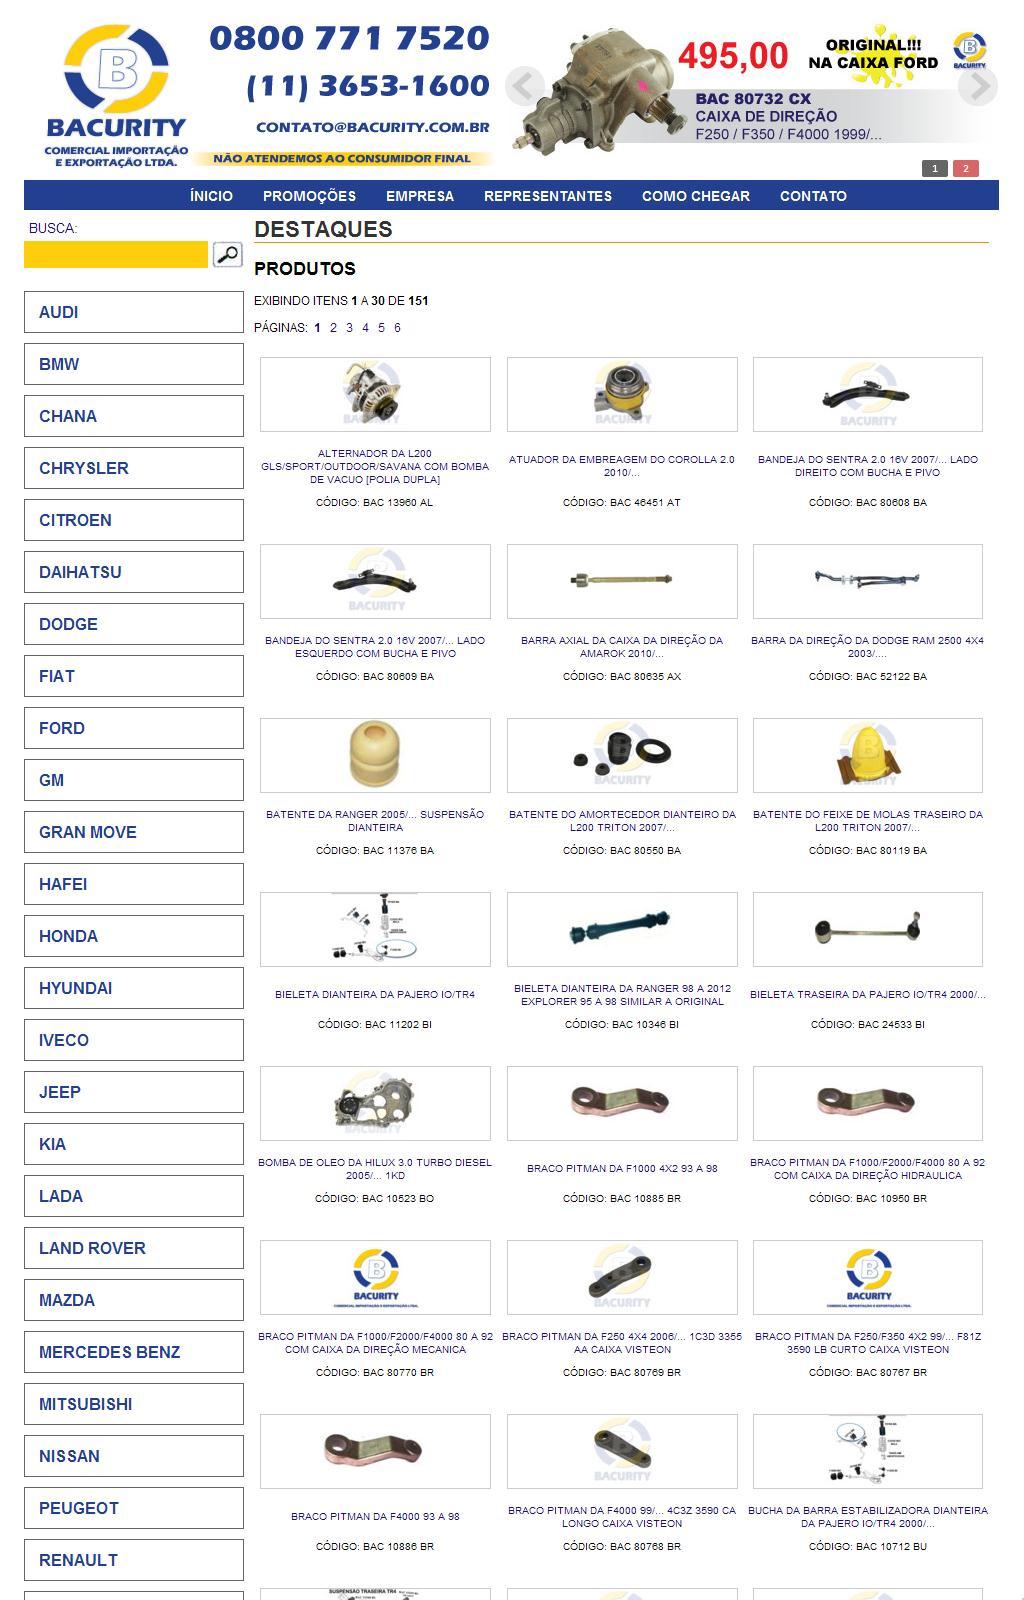 Bacurity Comercial Importação e Exportação Ltda - (11) 3653-1600